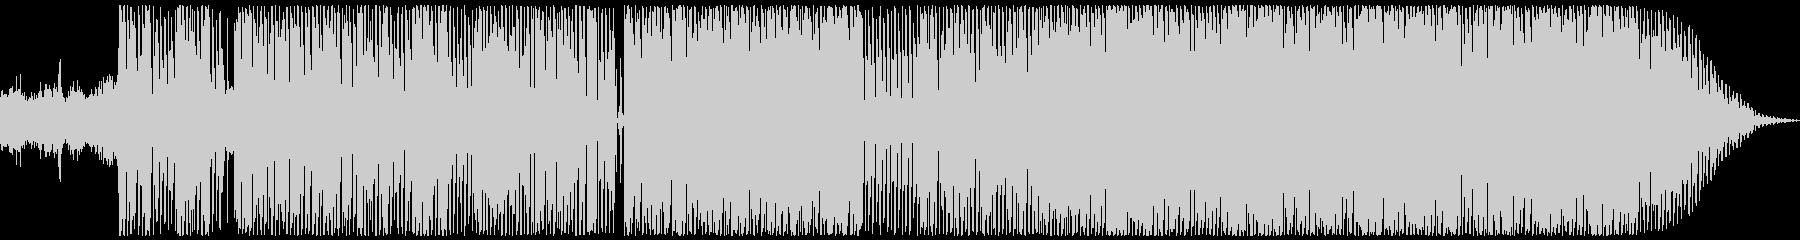 エレクトログルーブはハウスビートと...の未再生の波形